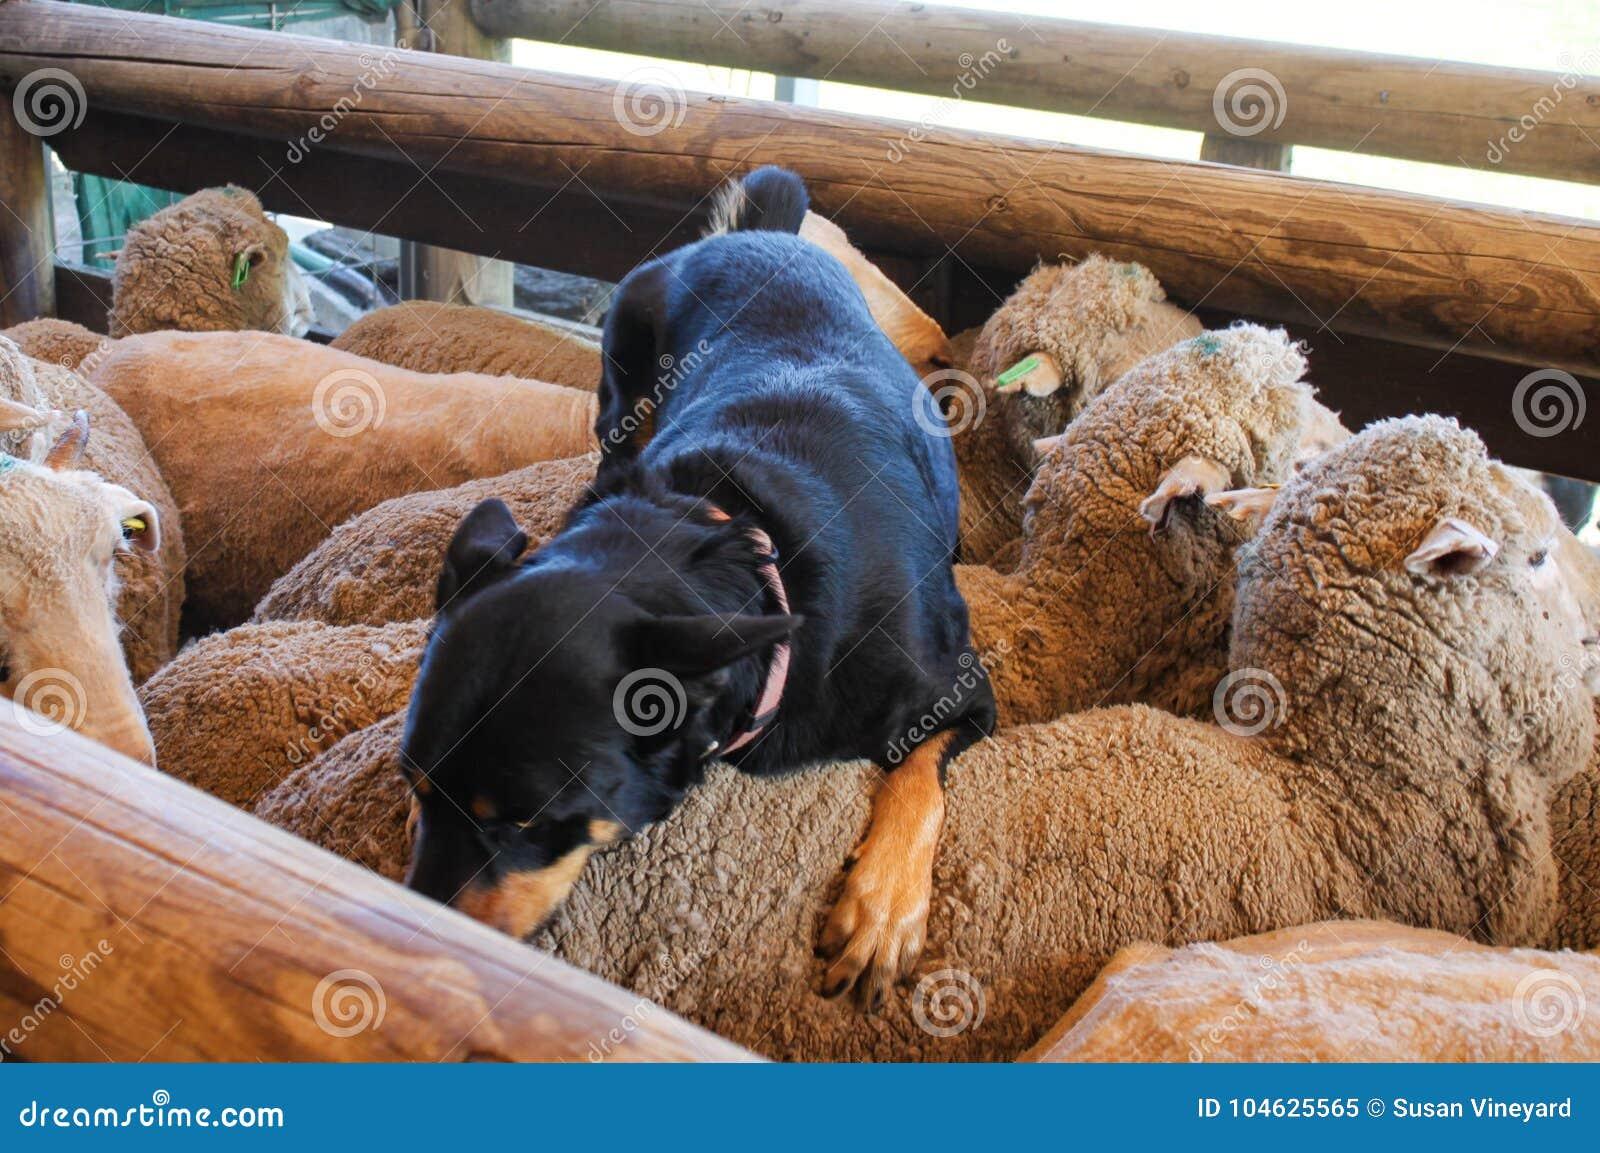 Download Herdershond Bovenop Schapen Stock Afbeelding - Afbeelding bestaande uit honds, groep: 104625565